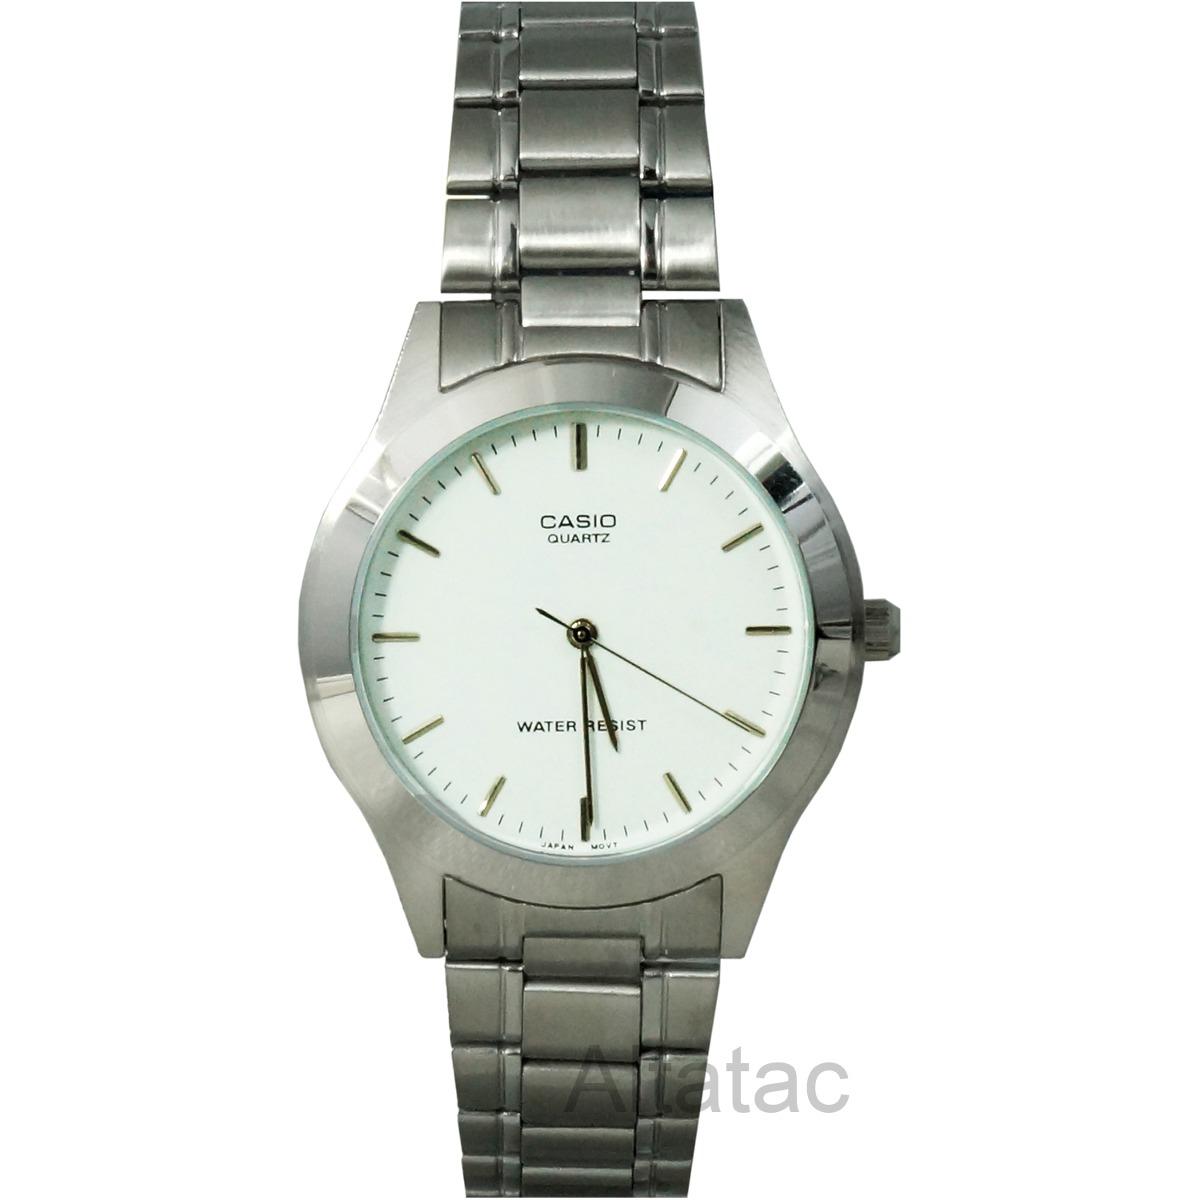 Características. Marca Casio  Modelo MTP-1128A  Género Caballero  Color de  la caja Plata  Material de la correa del reloj pulsera Acero inoxidable ... 8ab0f8bac938